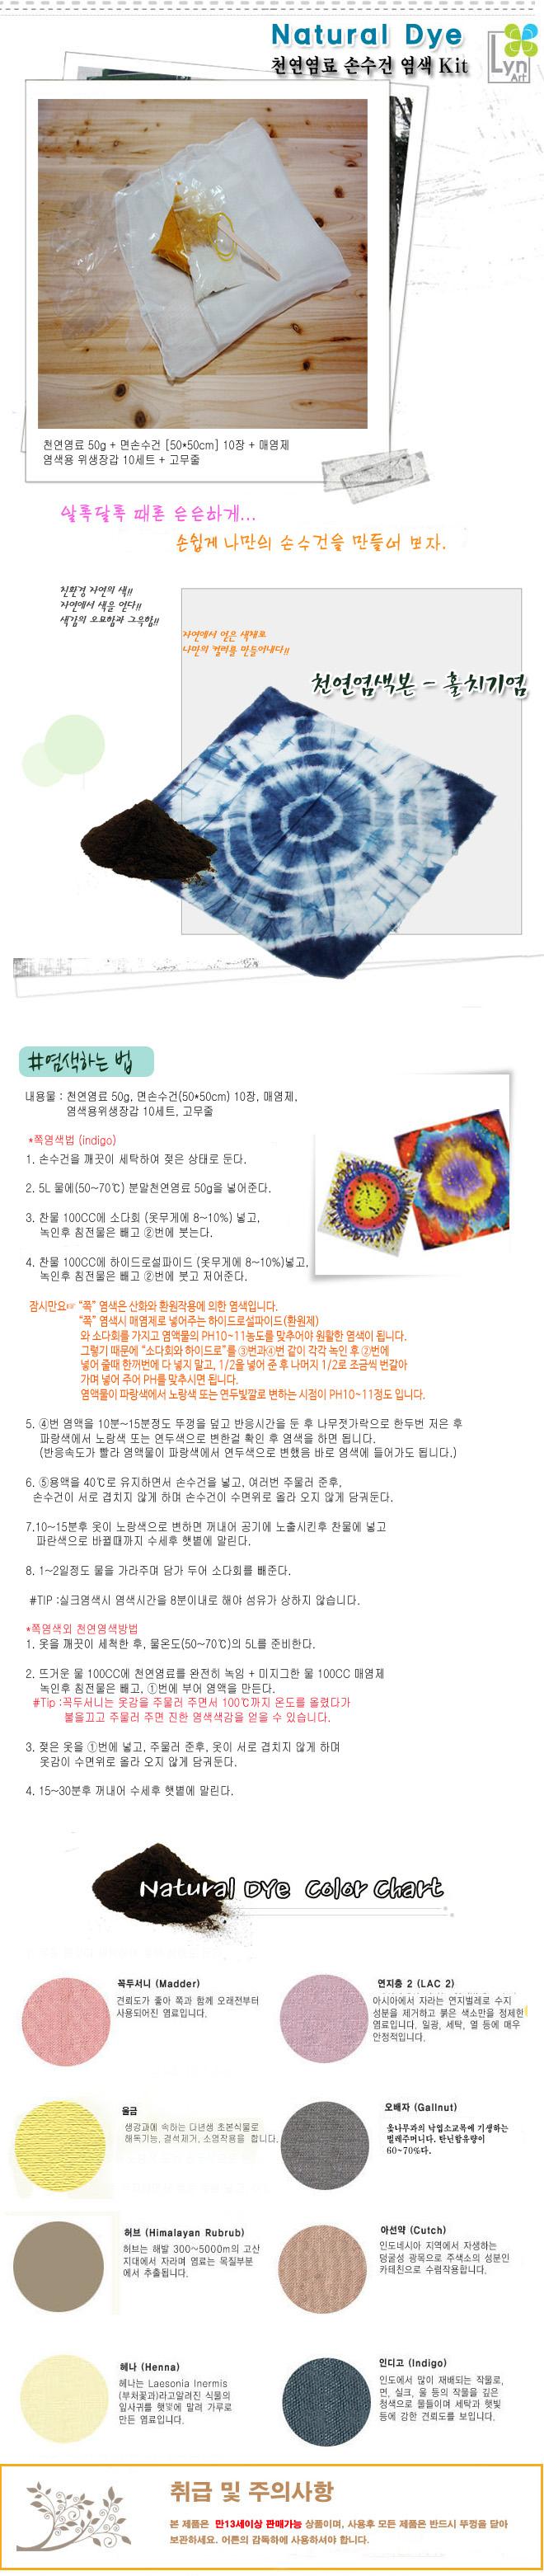 천연염료 손수건염색세트-10인용 - 린아트, 35,000원, 전통/염색공예, 염색공예 패키지